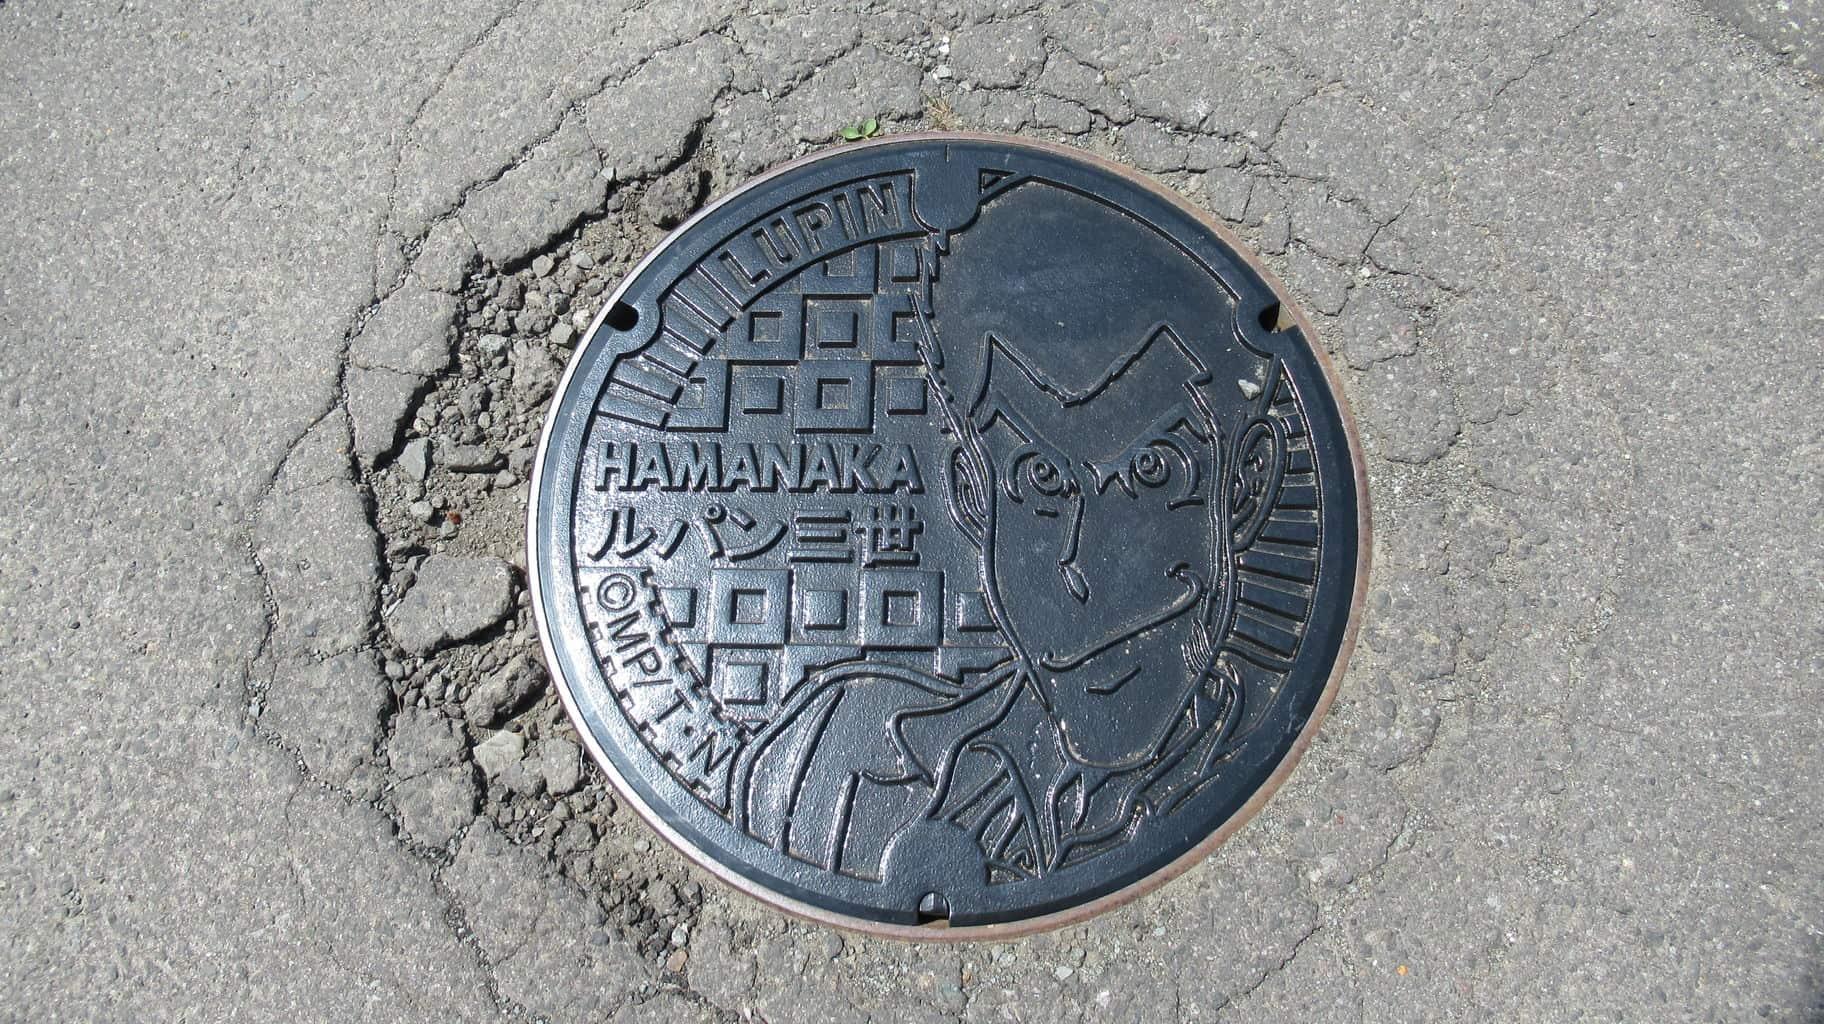 ฝาท่อลาย จอมโจรลูแปง (Lupin) ที่เมืองฮามานากะ (Hamanaka)